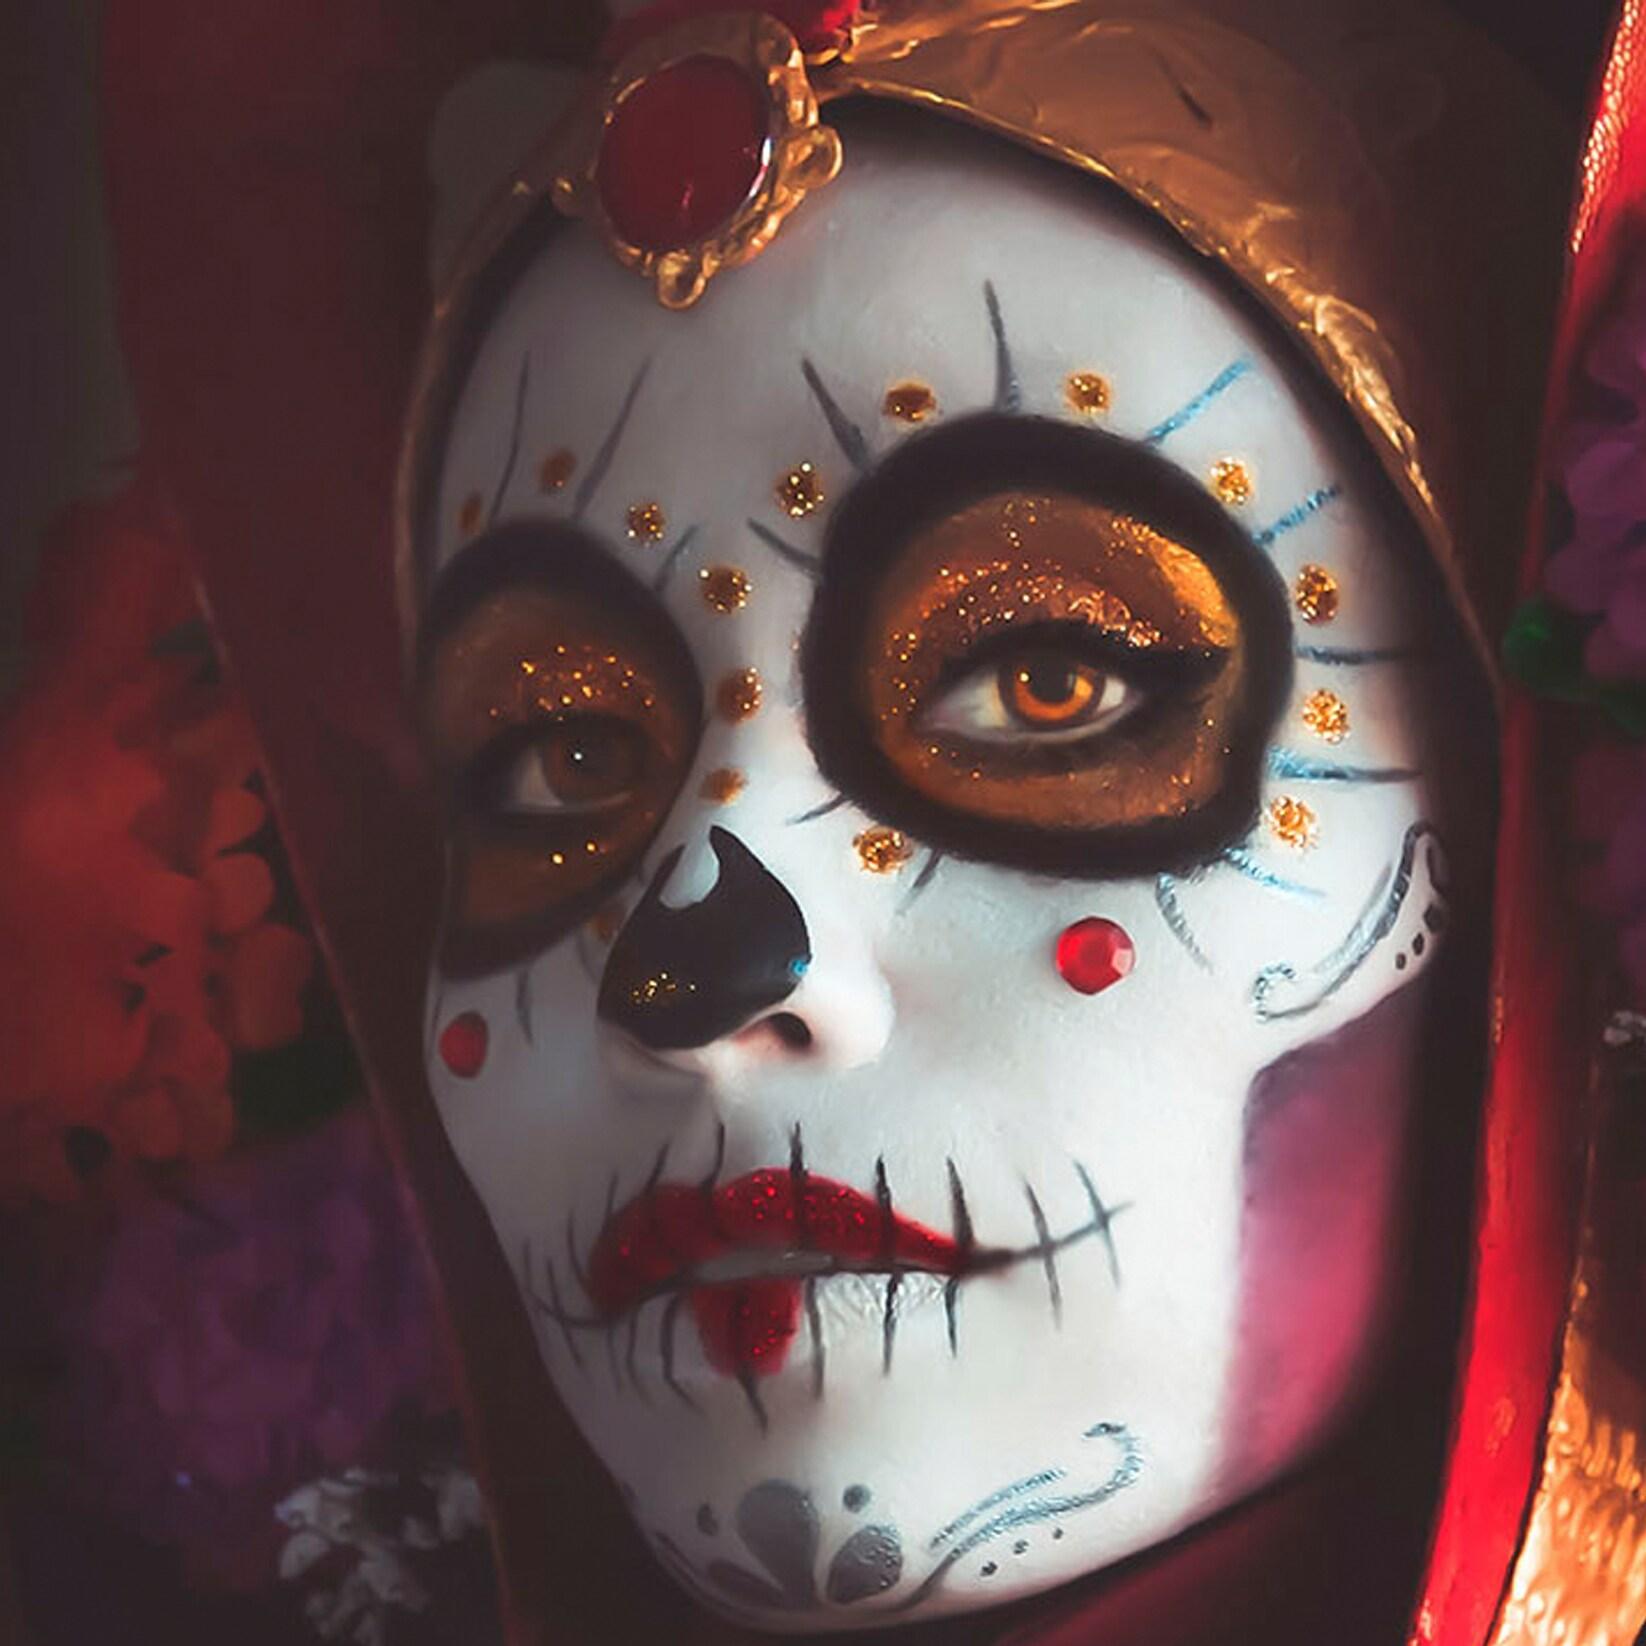 Momo Naberrie, la cosplayer mexicana ha creado una fusión sorprendente de su herencia cultural y su amor por la reina Amidala